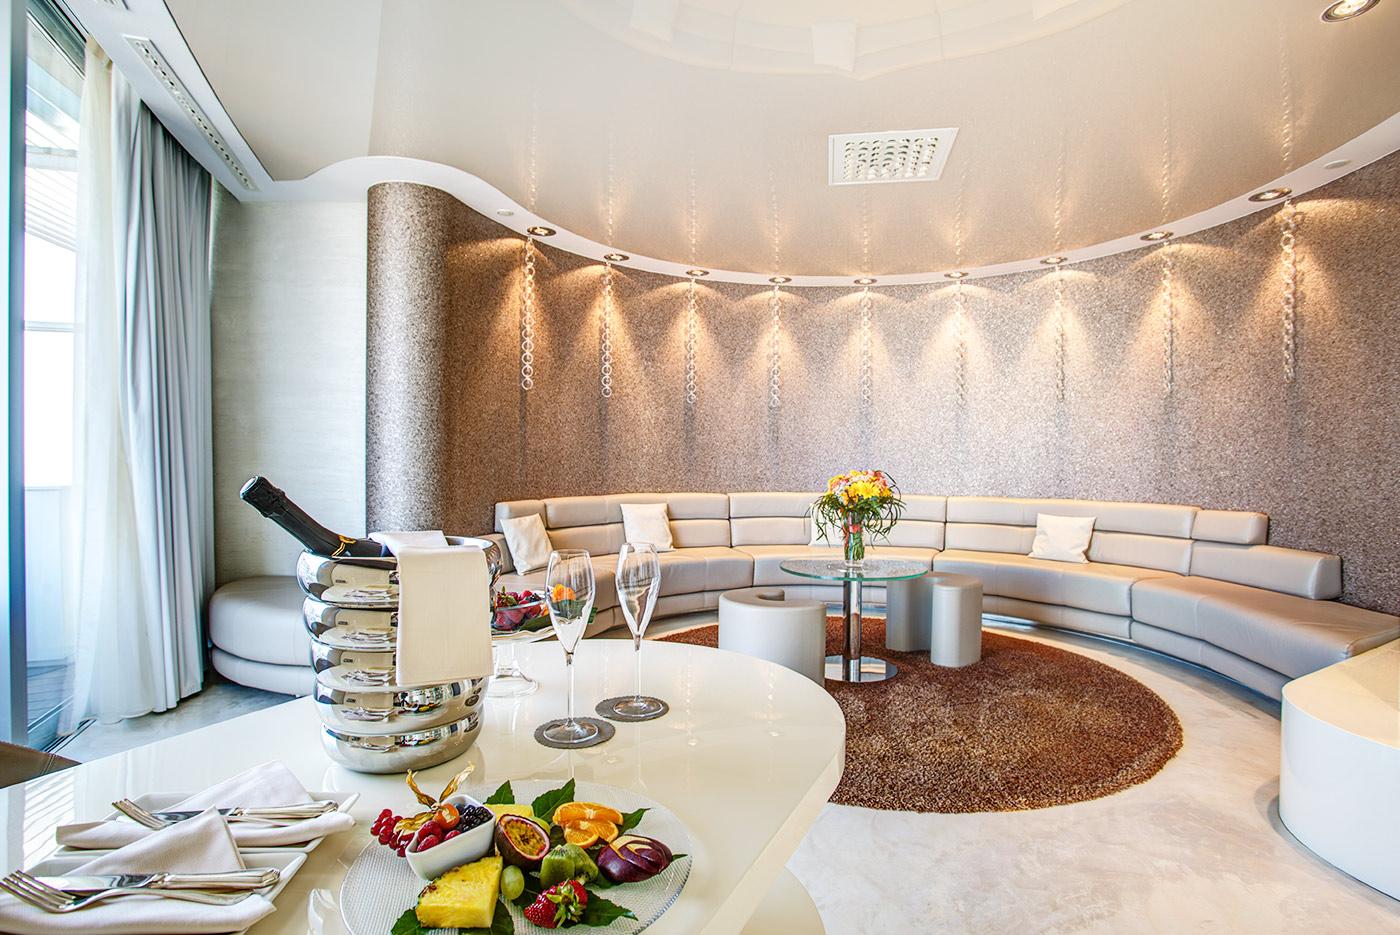 fotografia-d'interni-luxury-per-hotel